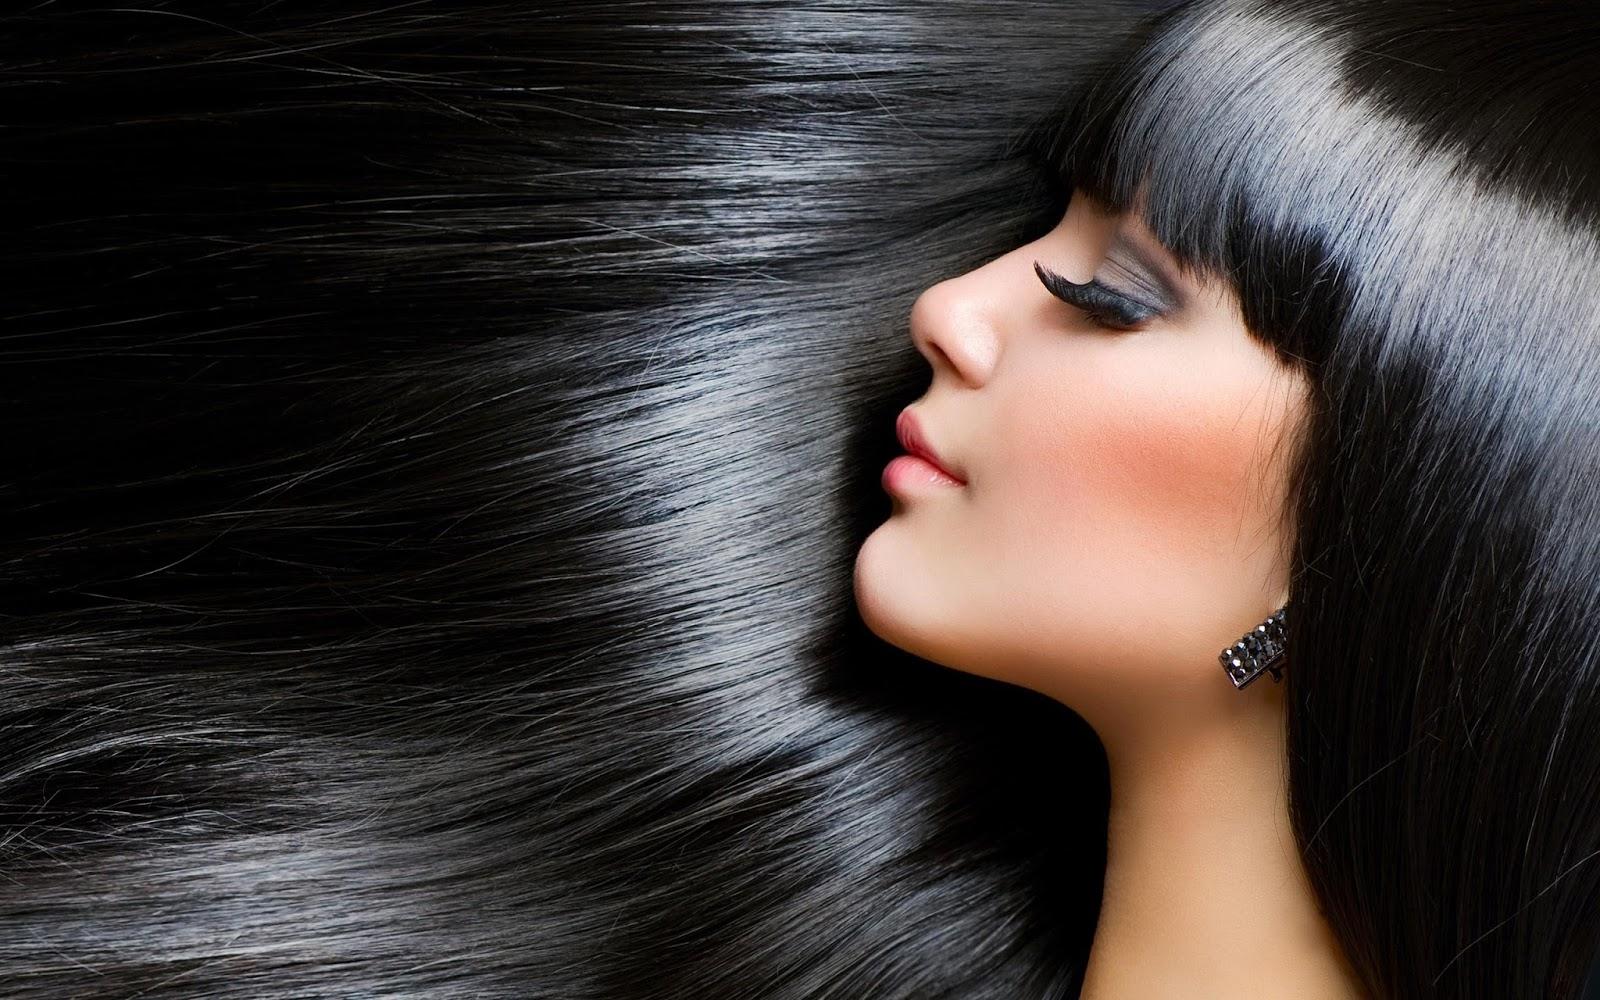 Rambut cantik alami berwaran hitam manis dan indah